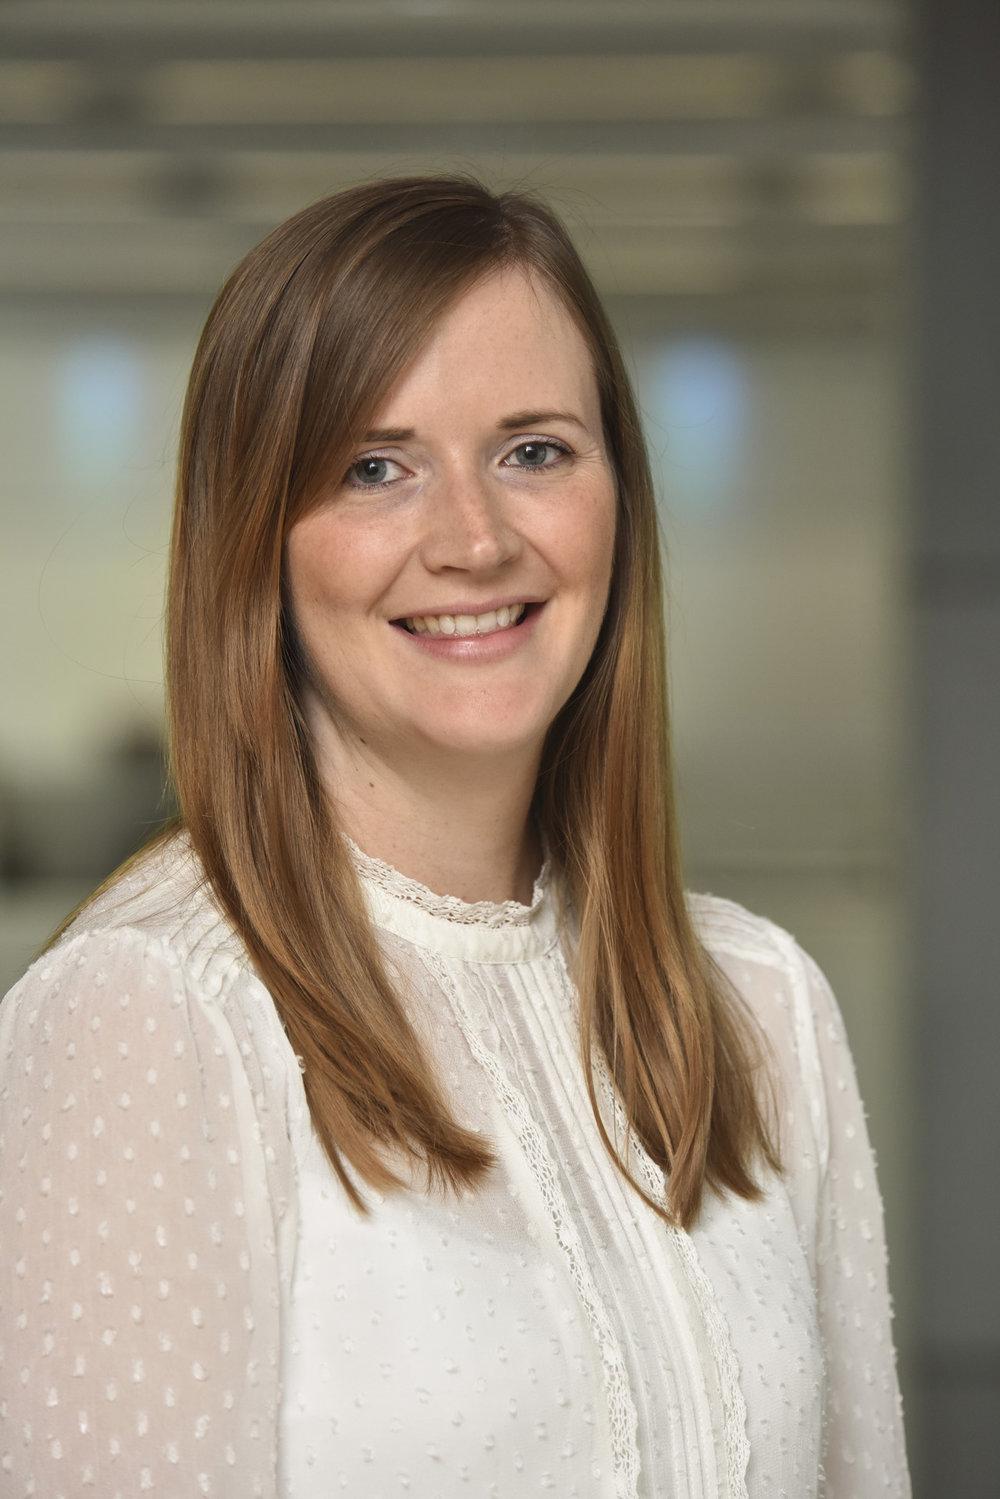 Emma Wiseman HR Manager